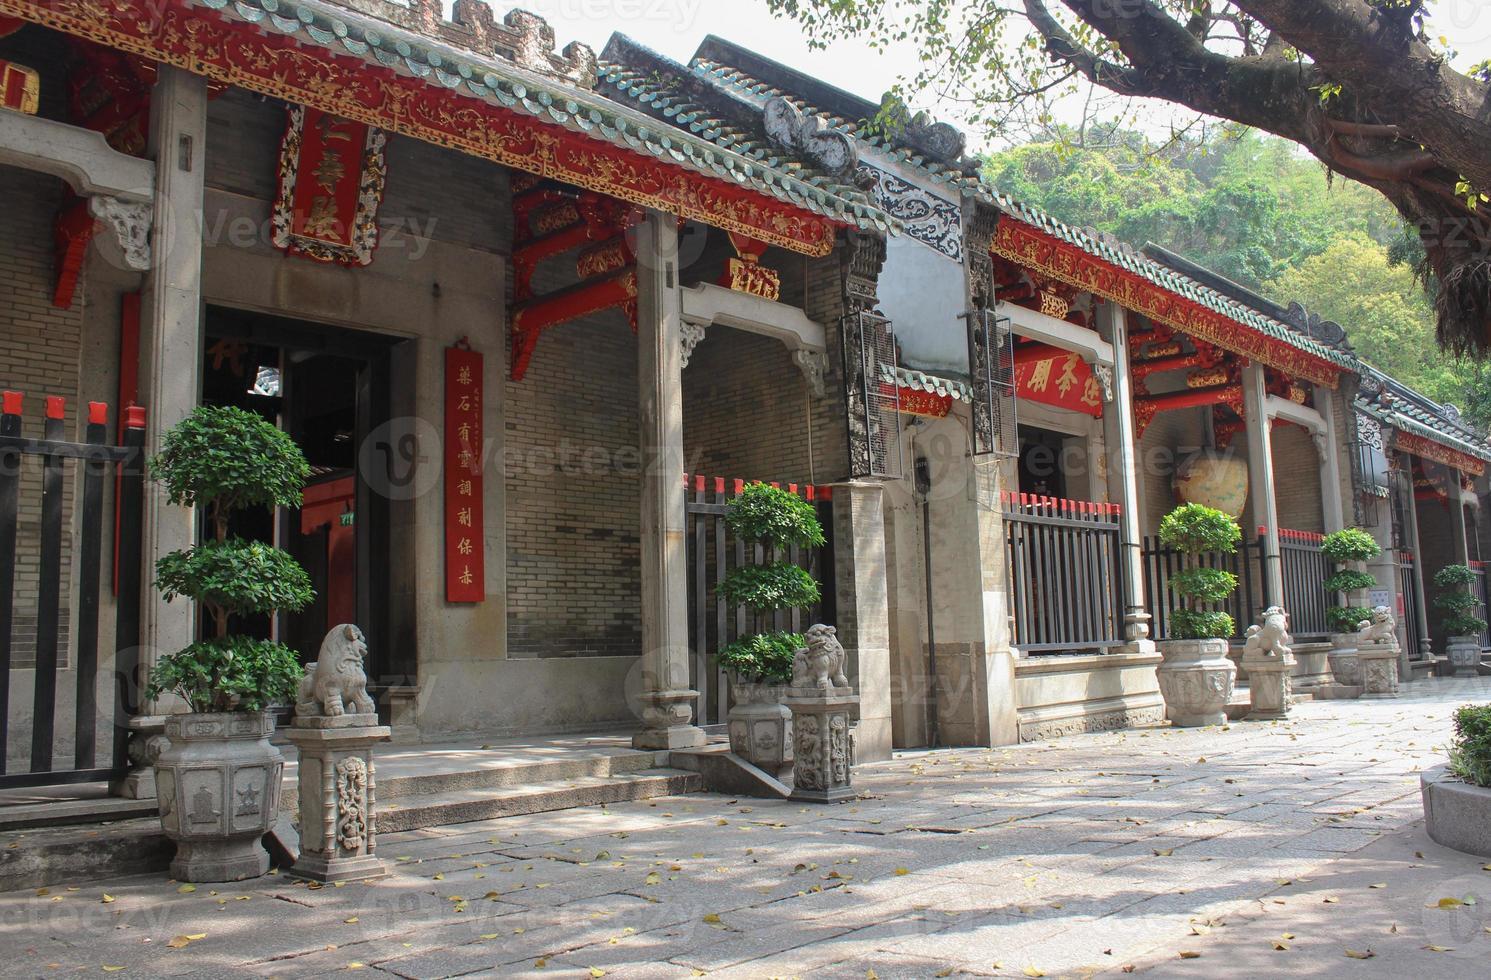 entra nel tempio di lin fung (tempio del loto) a macao foto